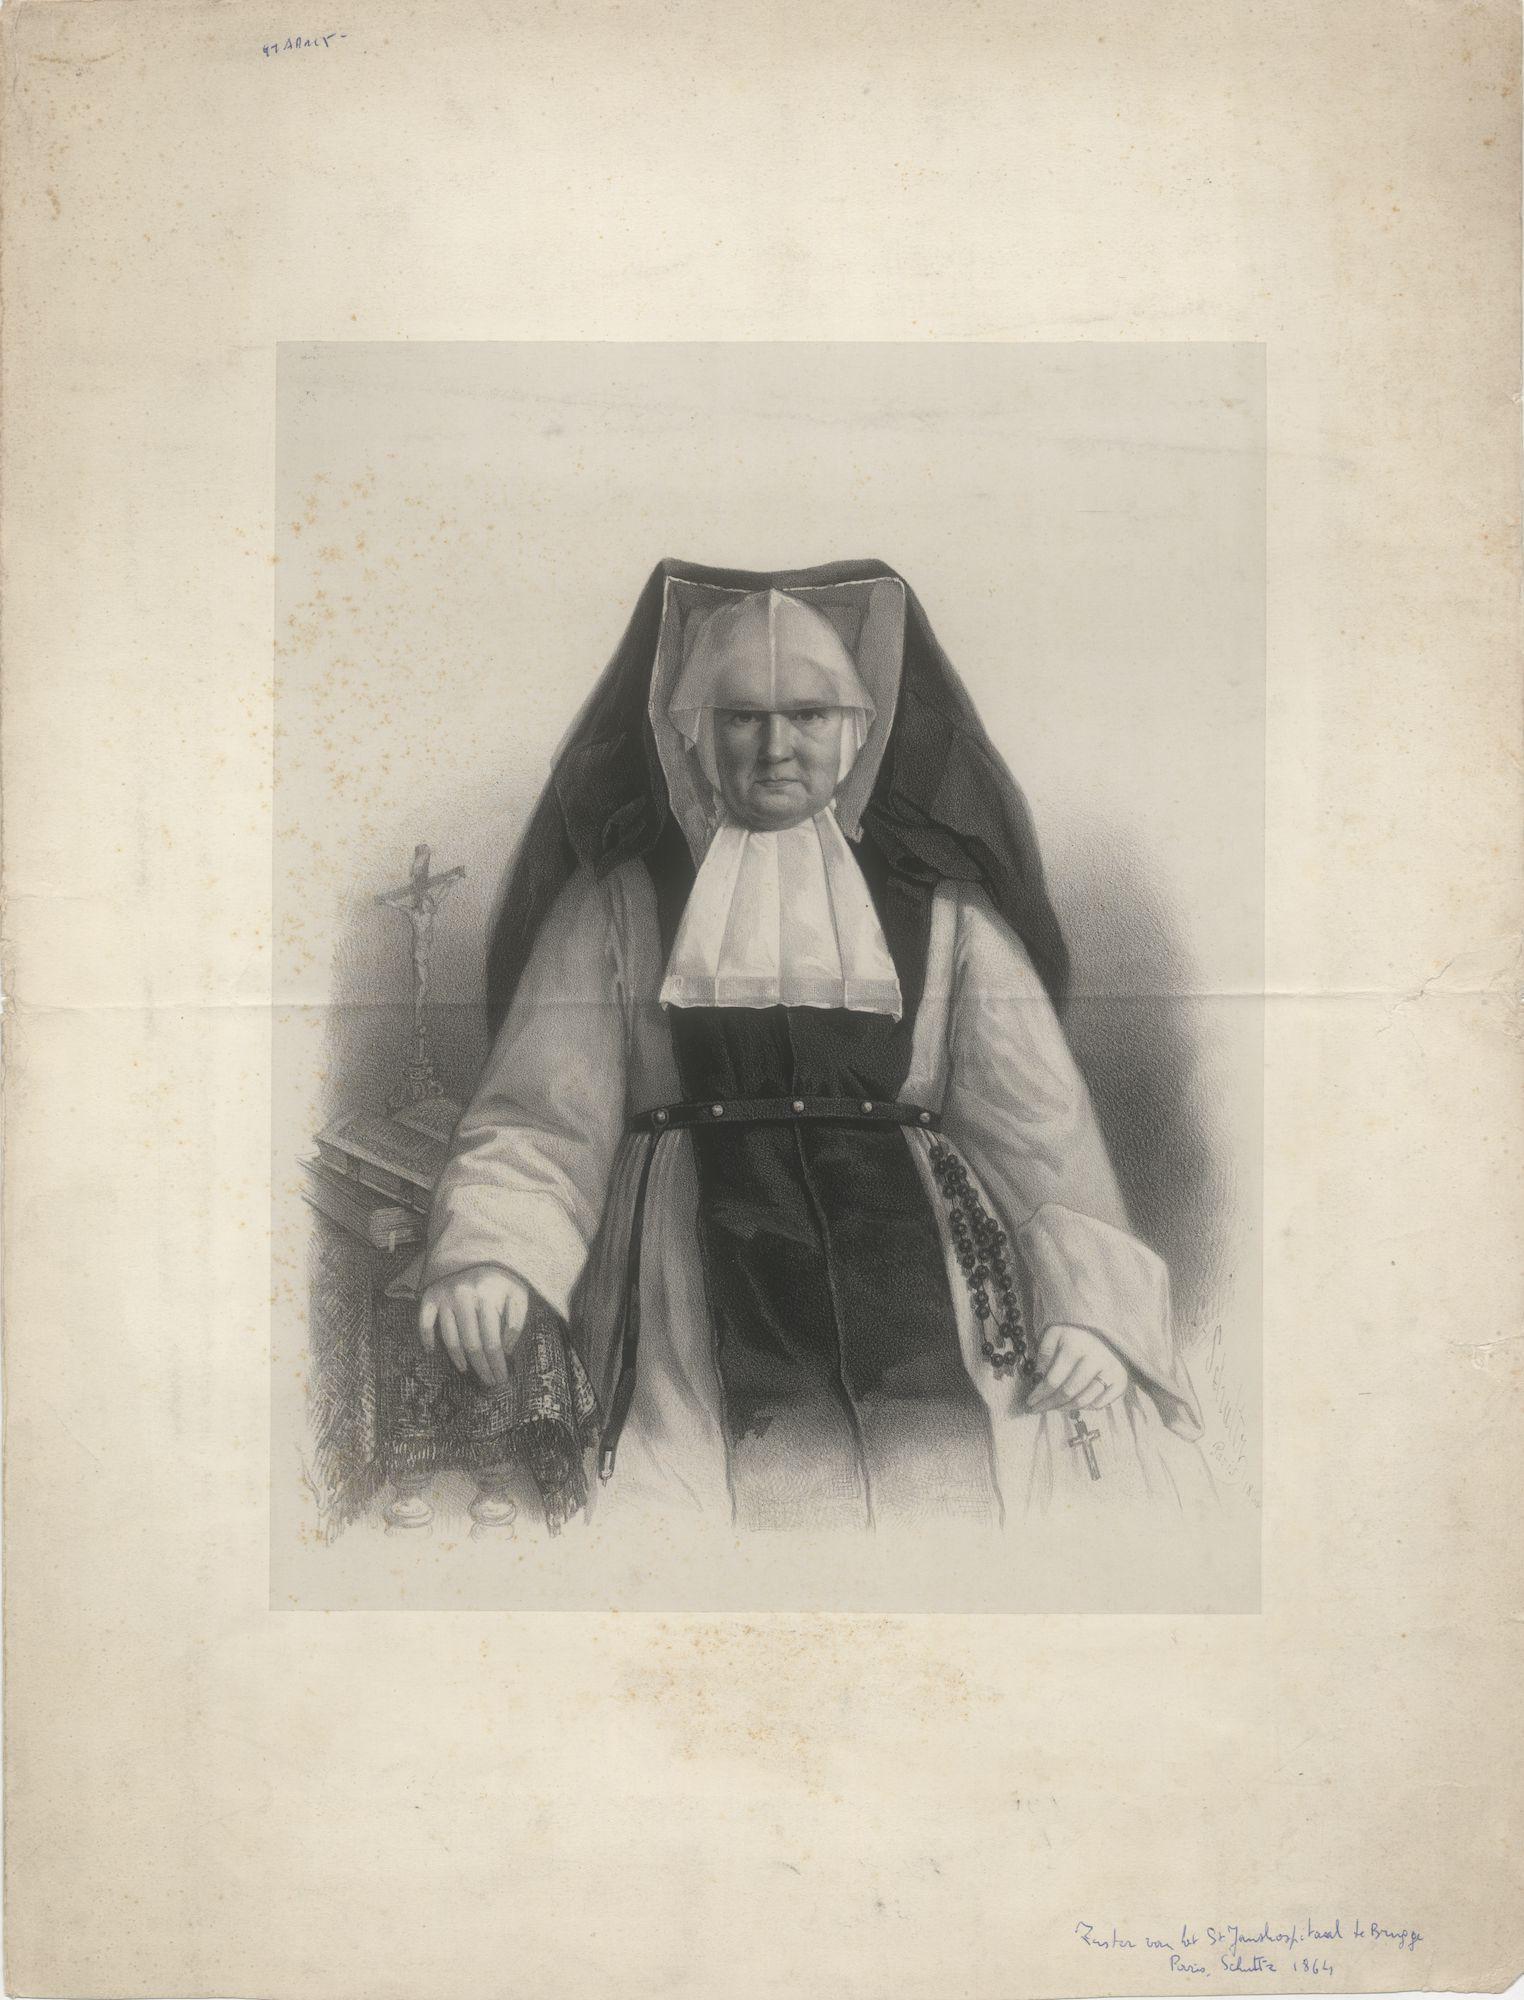 Westflandrica - portret van een zuster uit het Brugse Sint-Janshospitaal